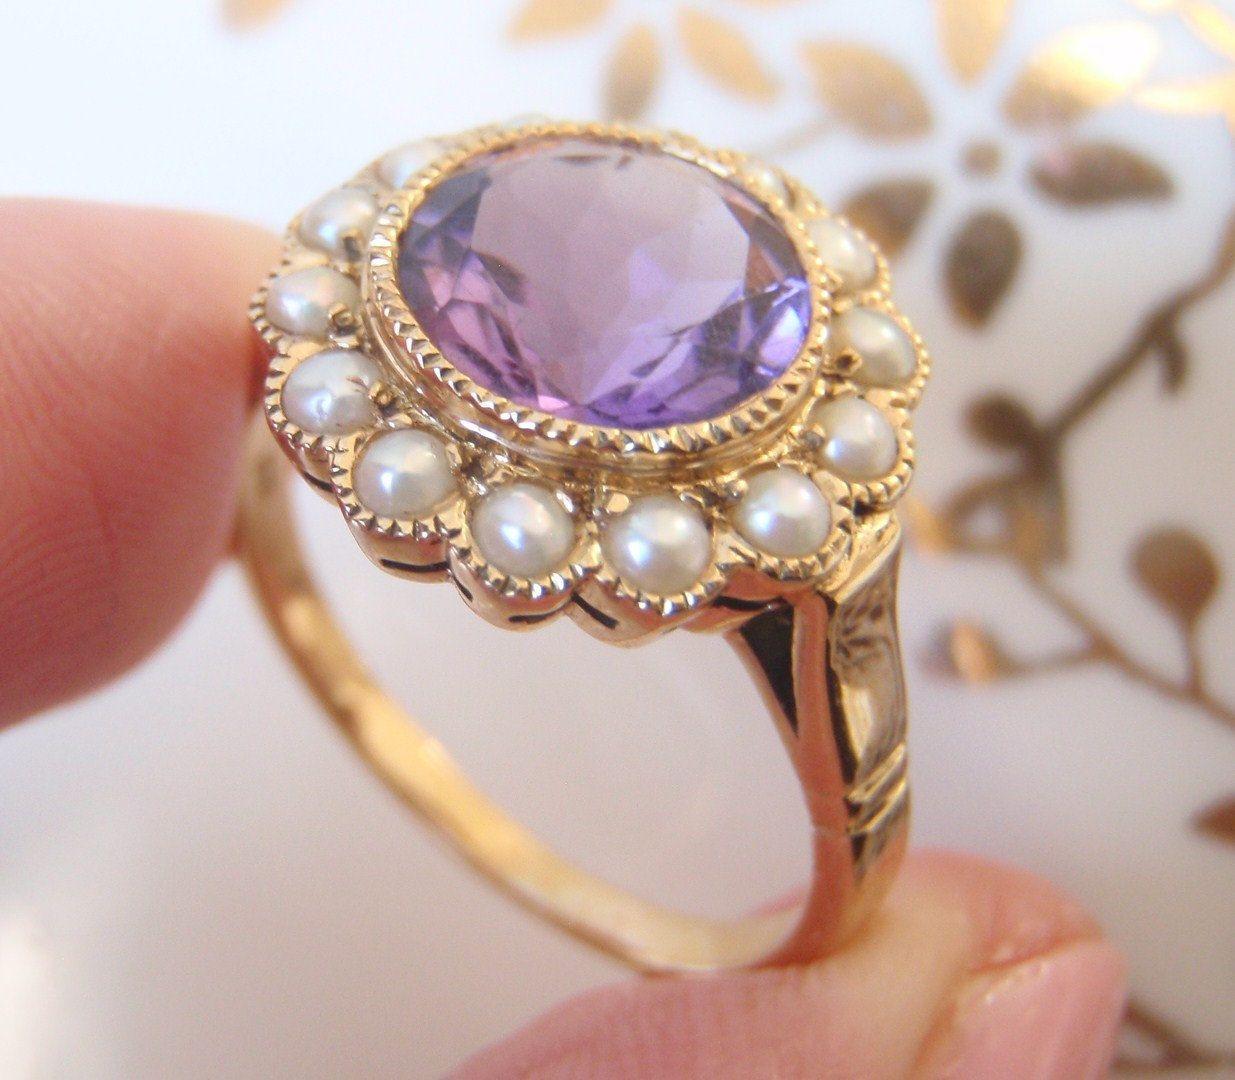 Prsten Ametyst Vsazeny Do Zlata A Zdobeny Perlami Prsteny